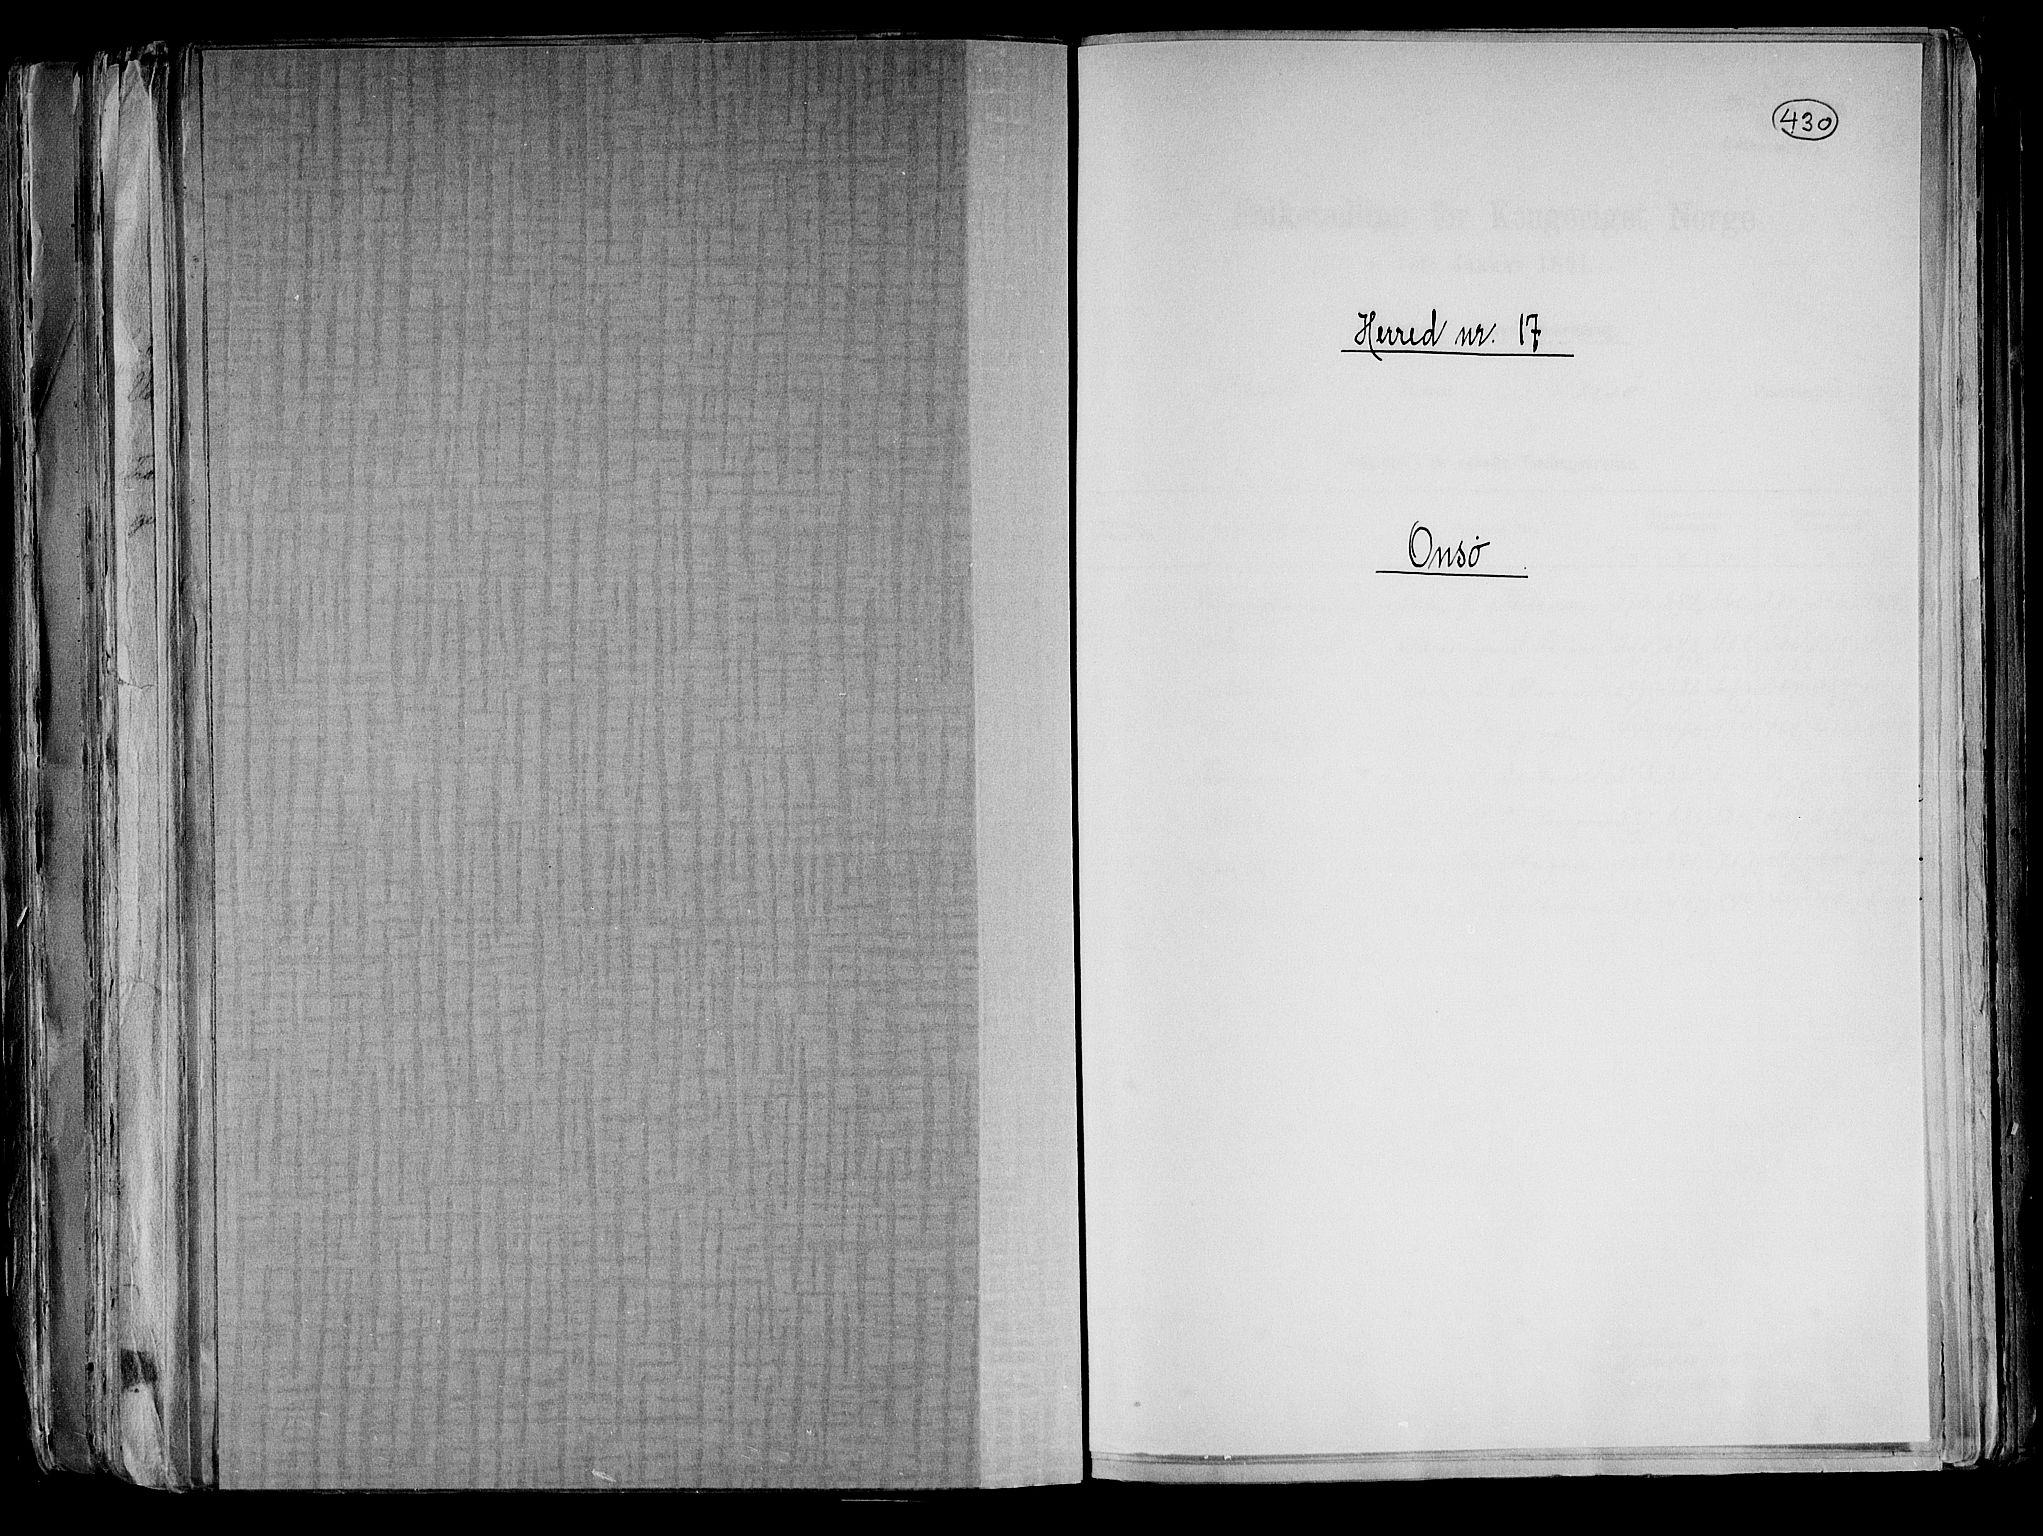 RA, Folketelling 1891 for 0134 Onsøy herred, 1891, s. 1